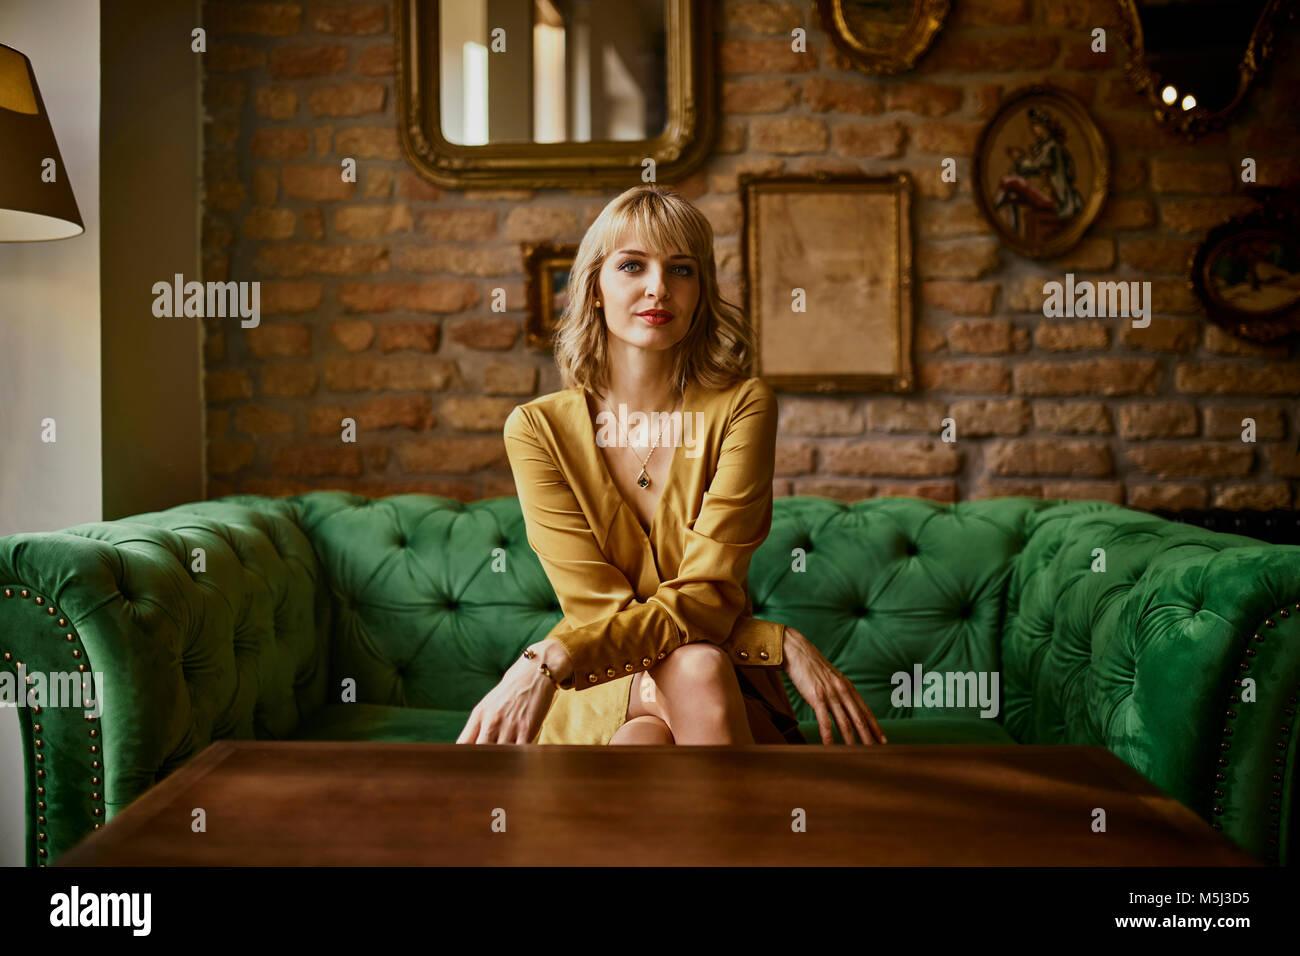 Portrait von eleganten Frau sitzt auf einer Couch Stockbild